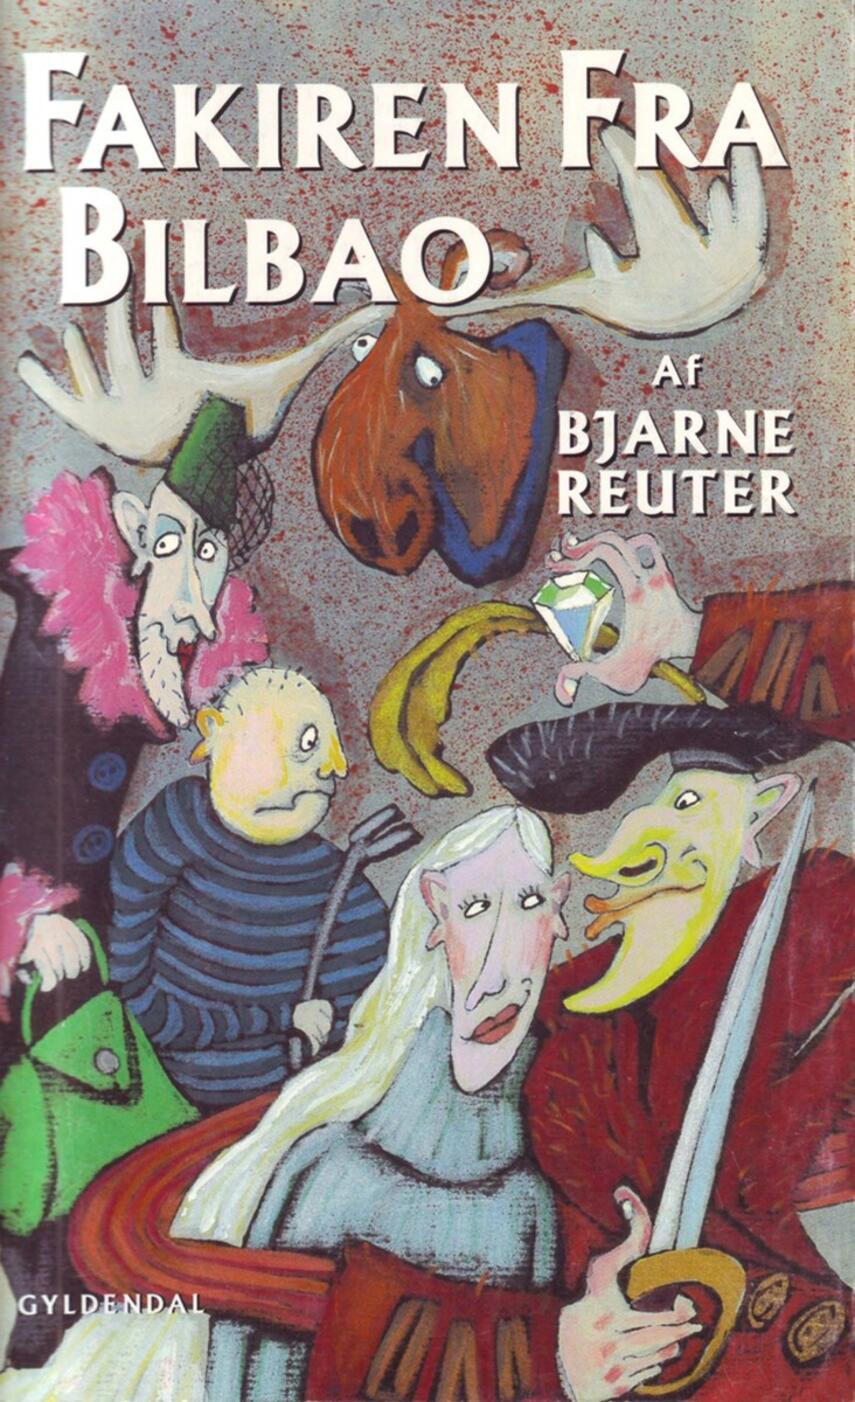 Bjarne Reuter: Fakiren fra Bilbao